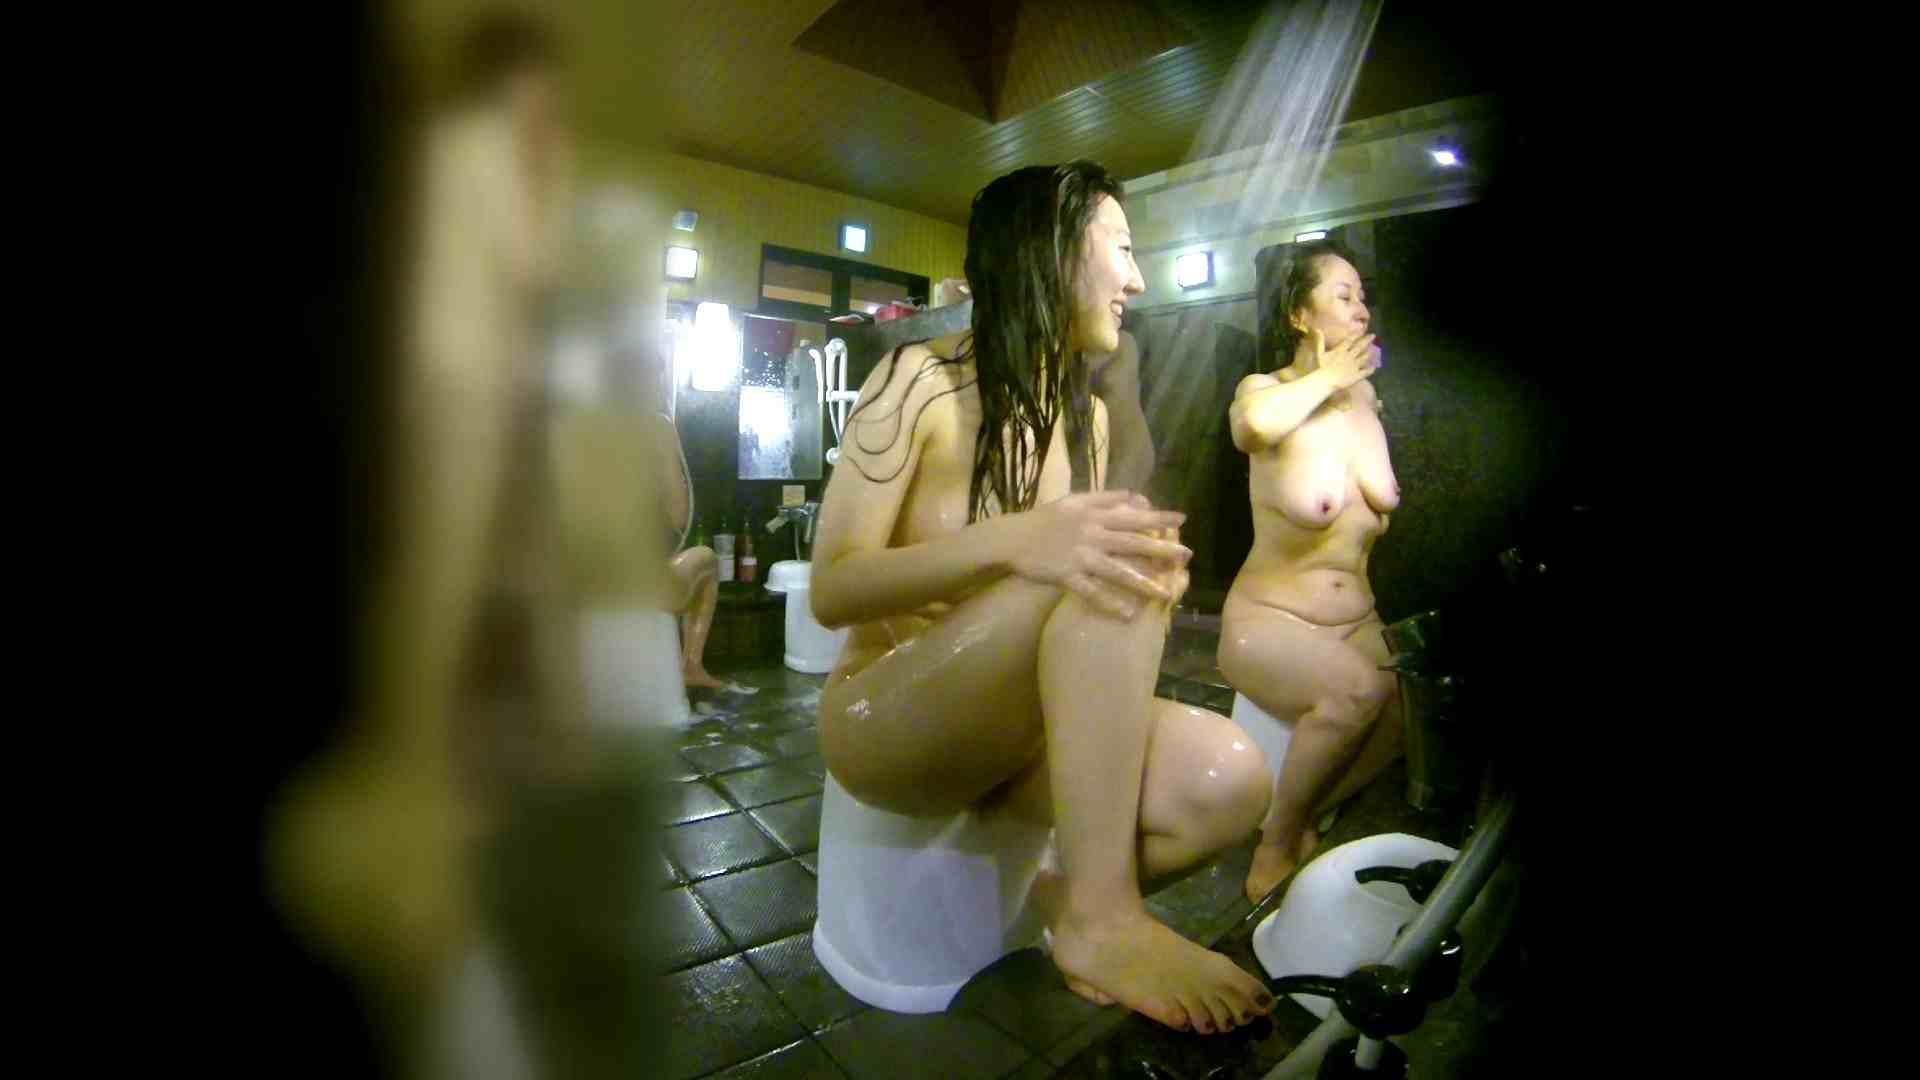 洗い場!右足の位置がいいですね。陰毛もっさり! 美肌 セックス画像 111画像 44